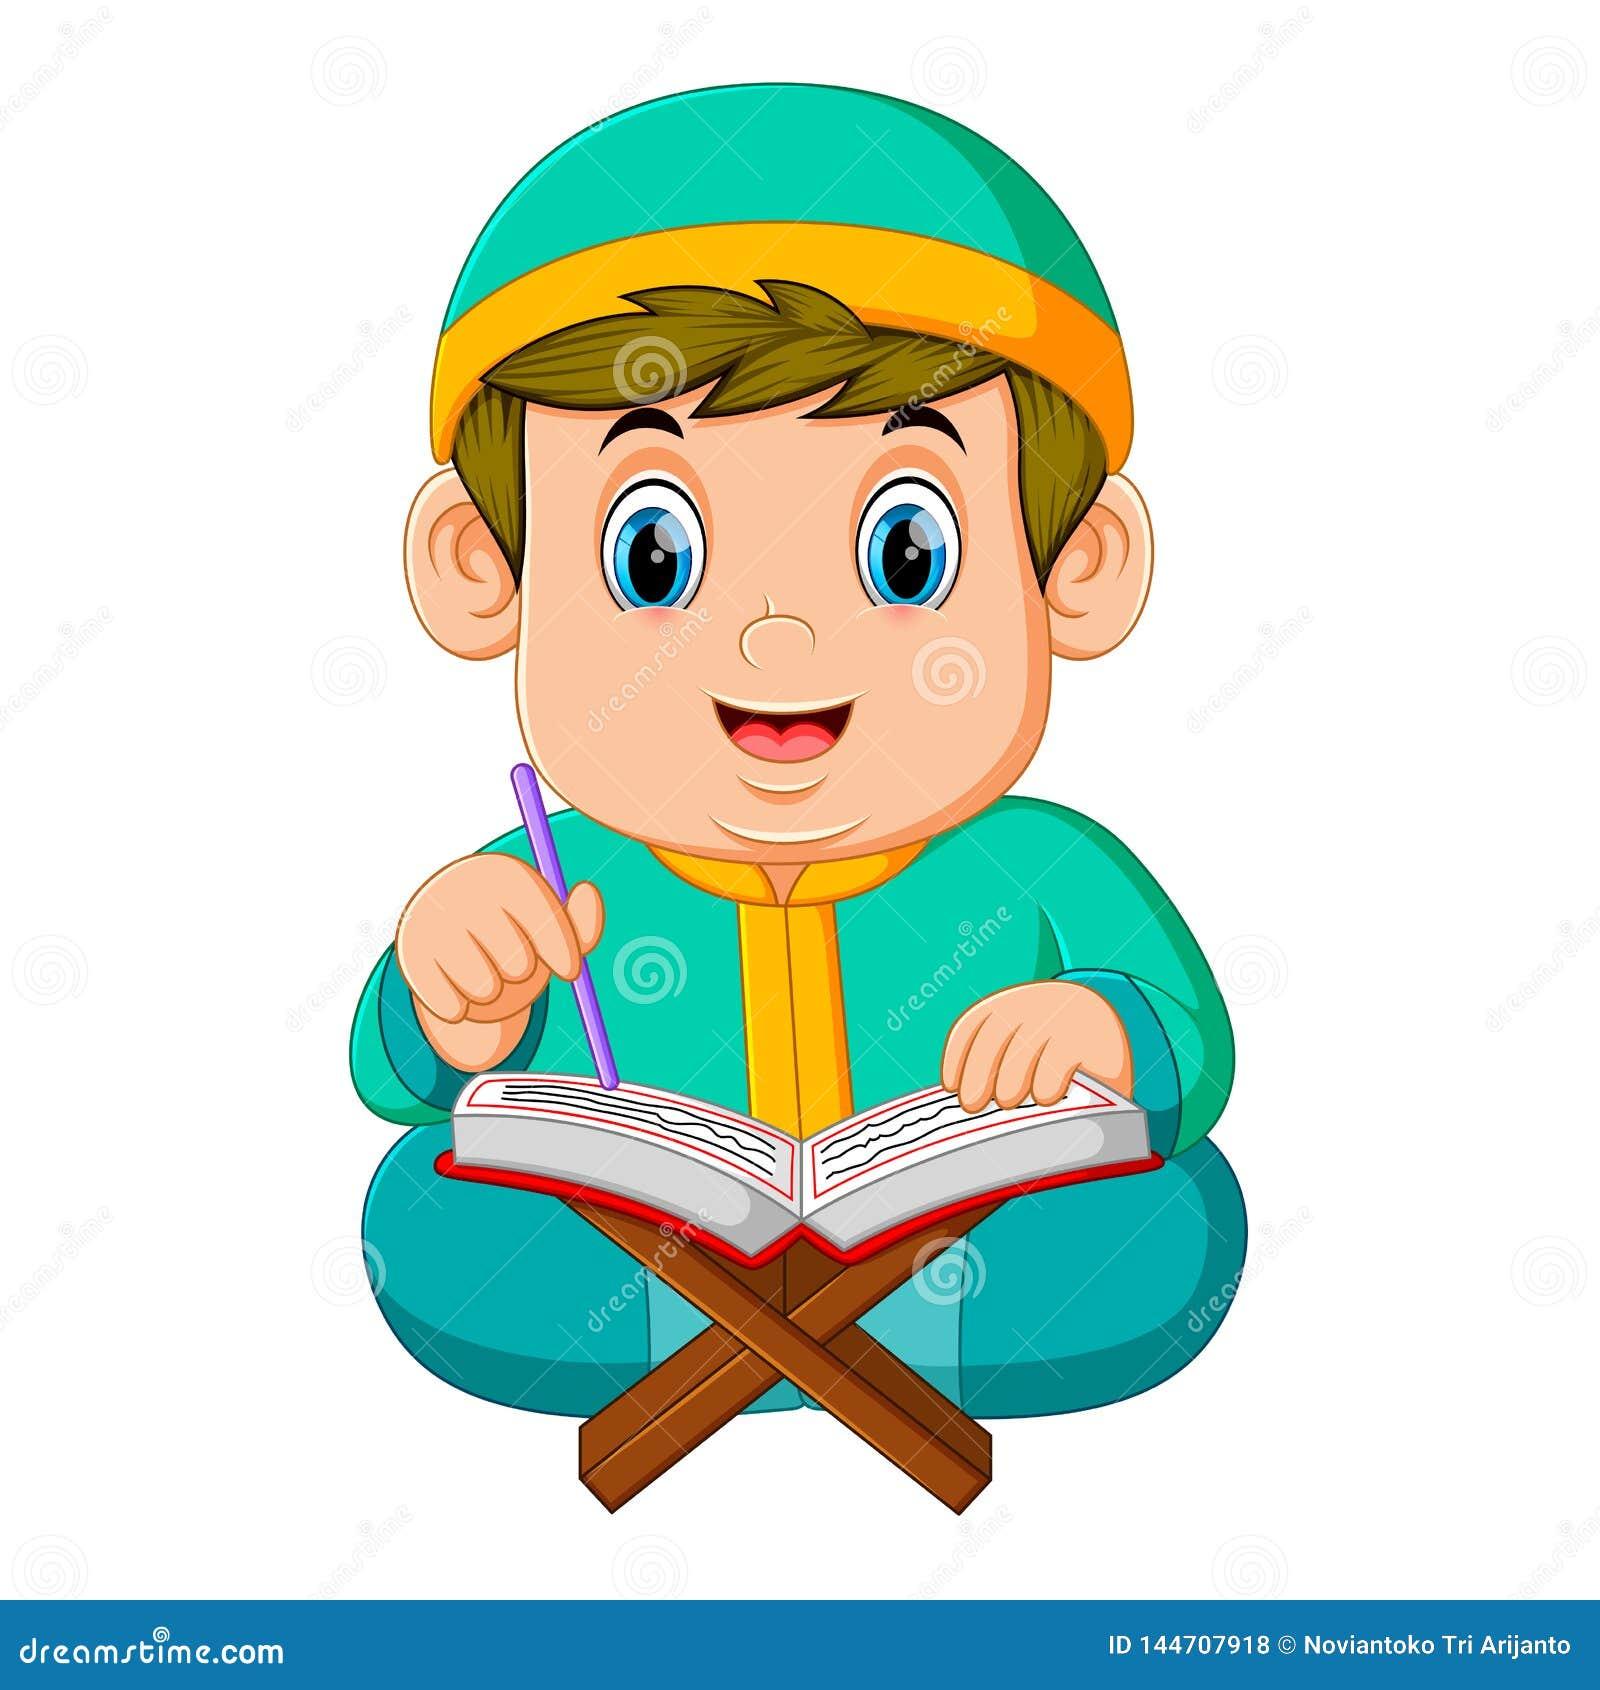 Жирный мальчик с зеленым caftan читает Коран al